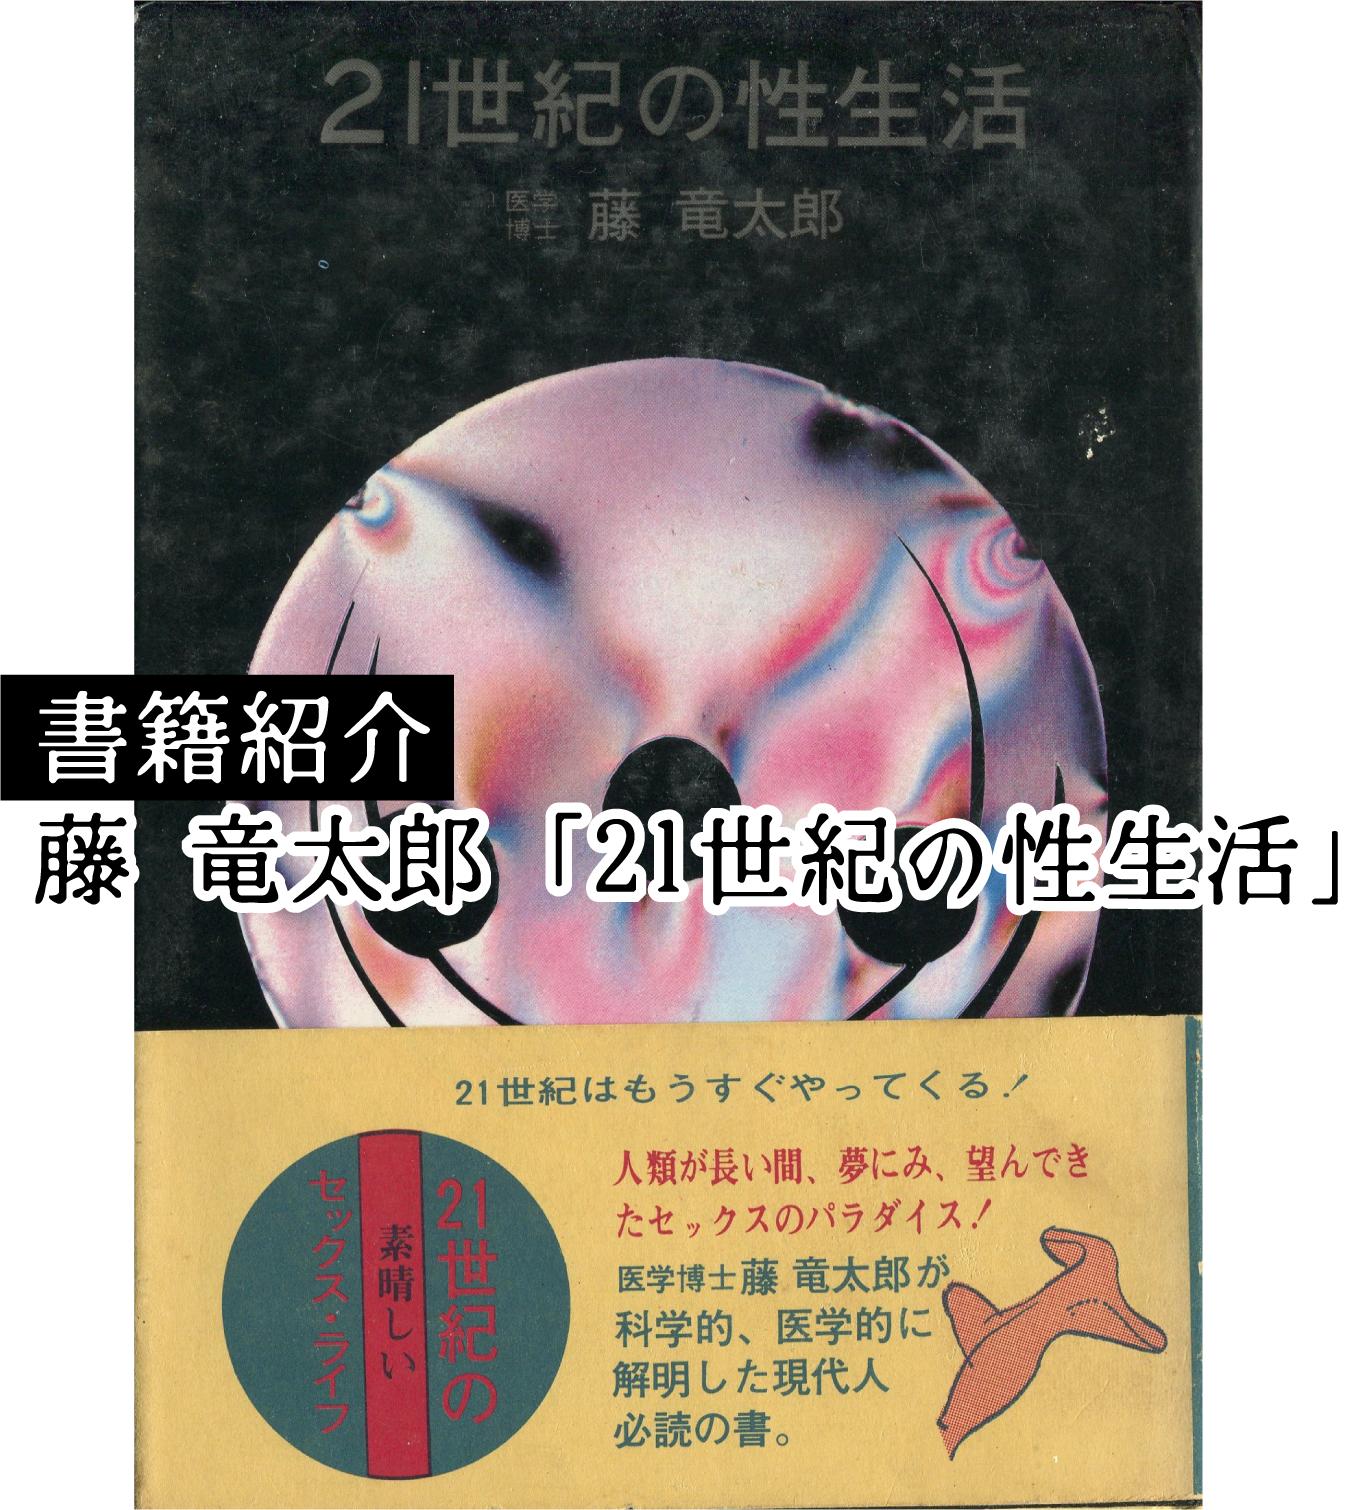 【書籍紹介#1】藤 竜田郎「21世紀の性生活」